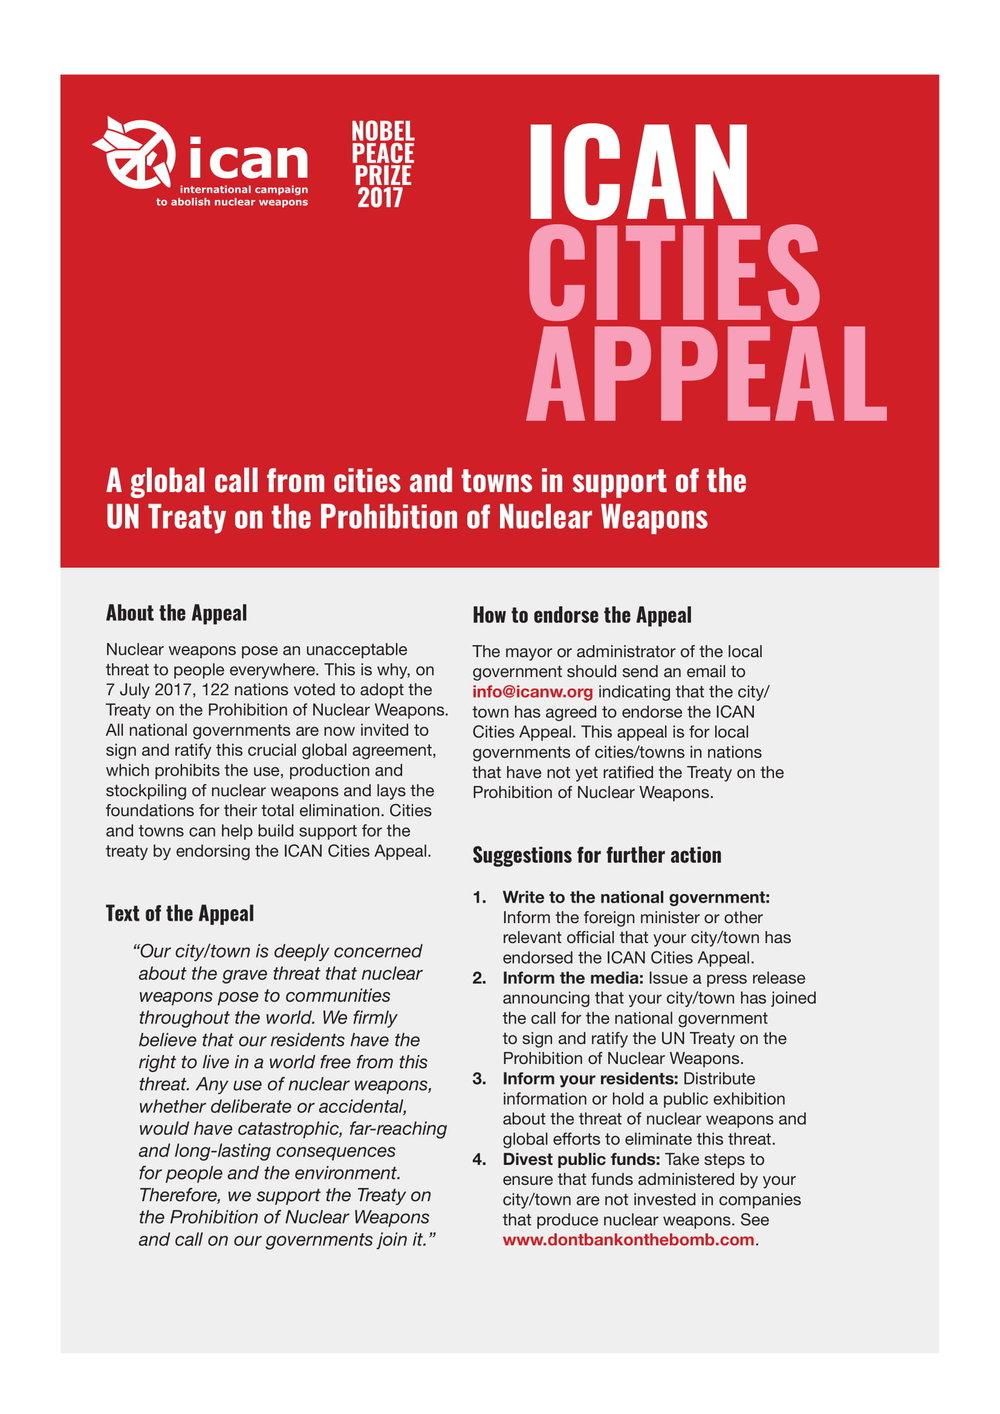 ICAN-Cities-Appeal (1)-1.jpg